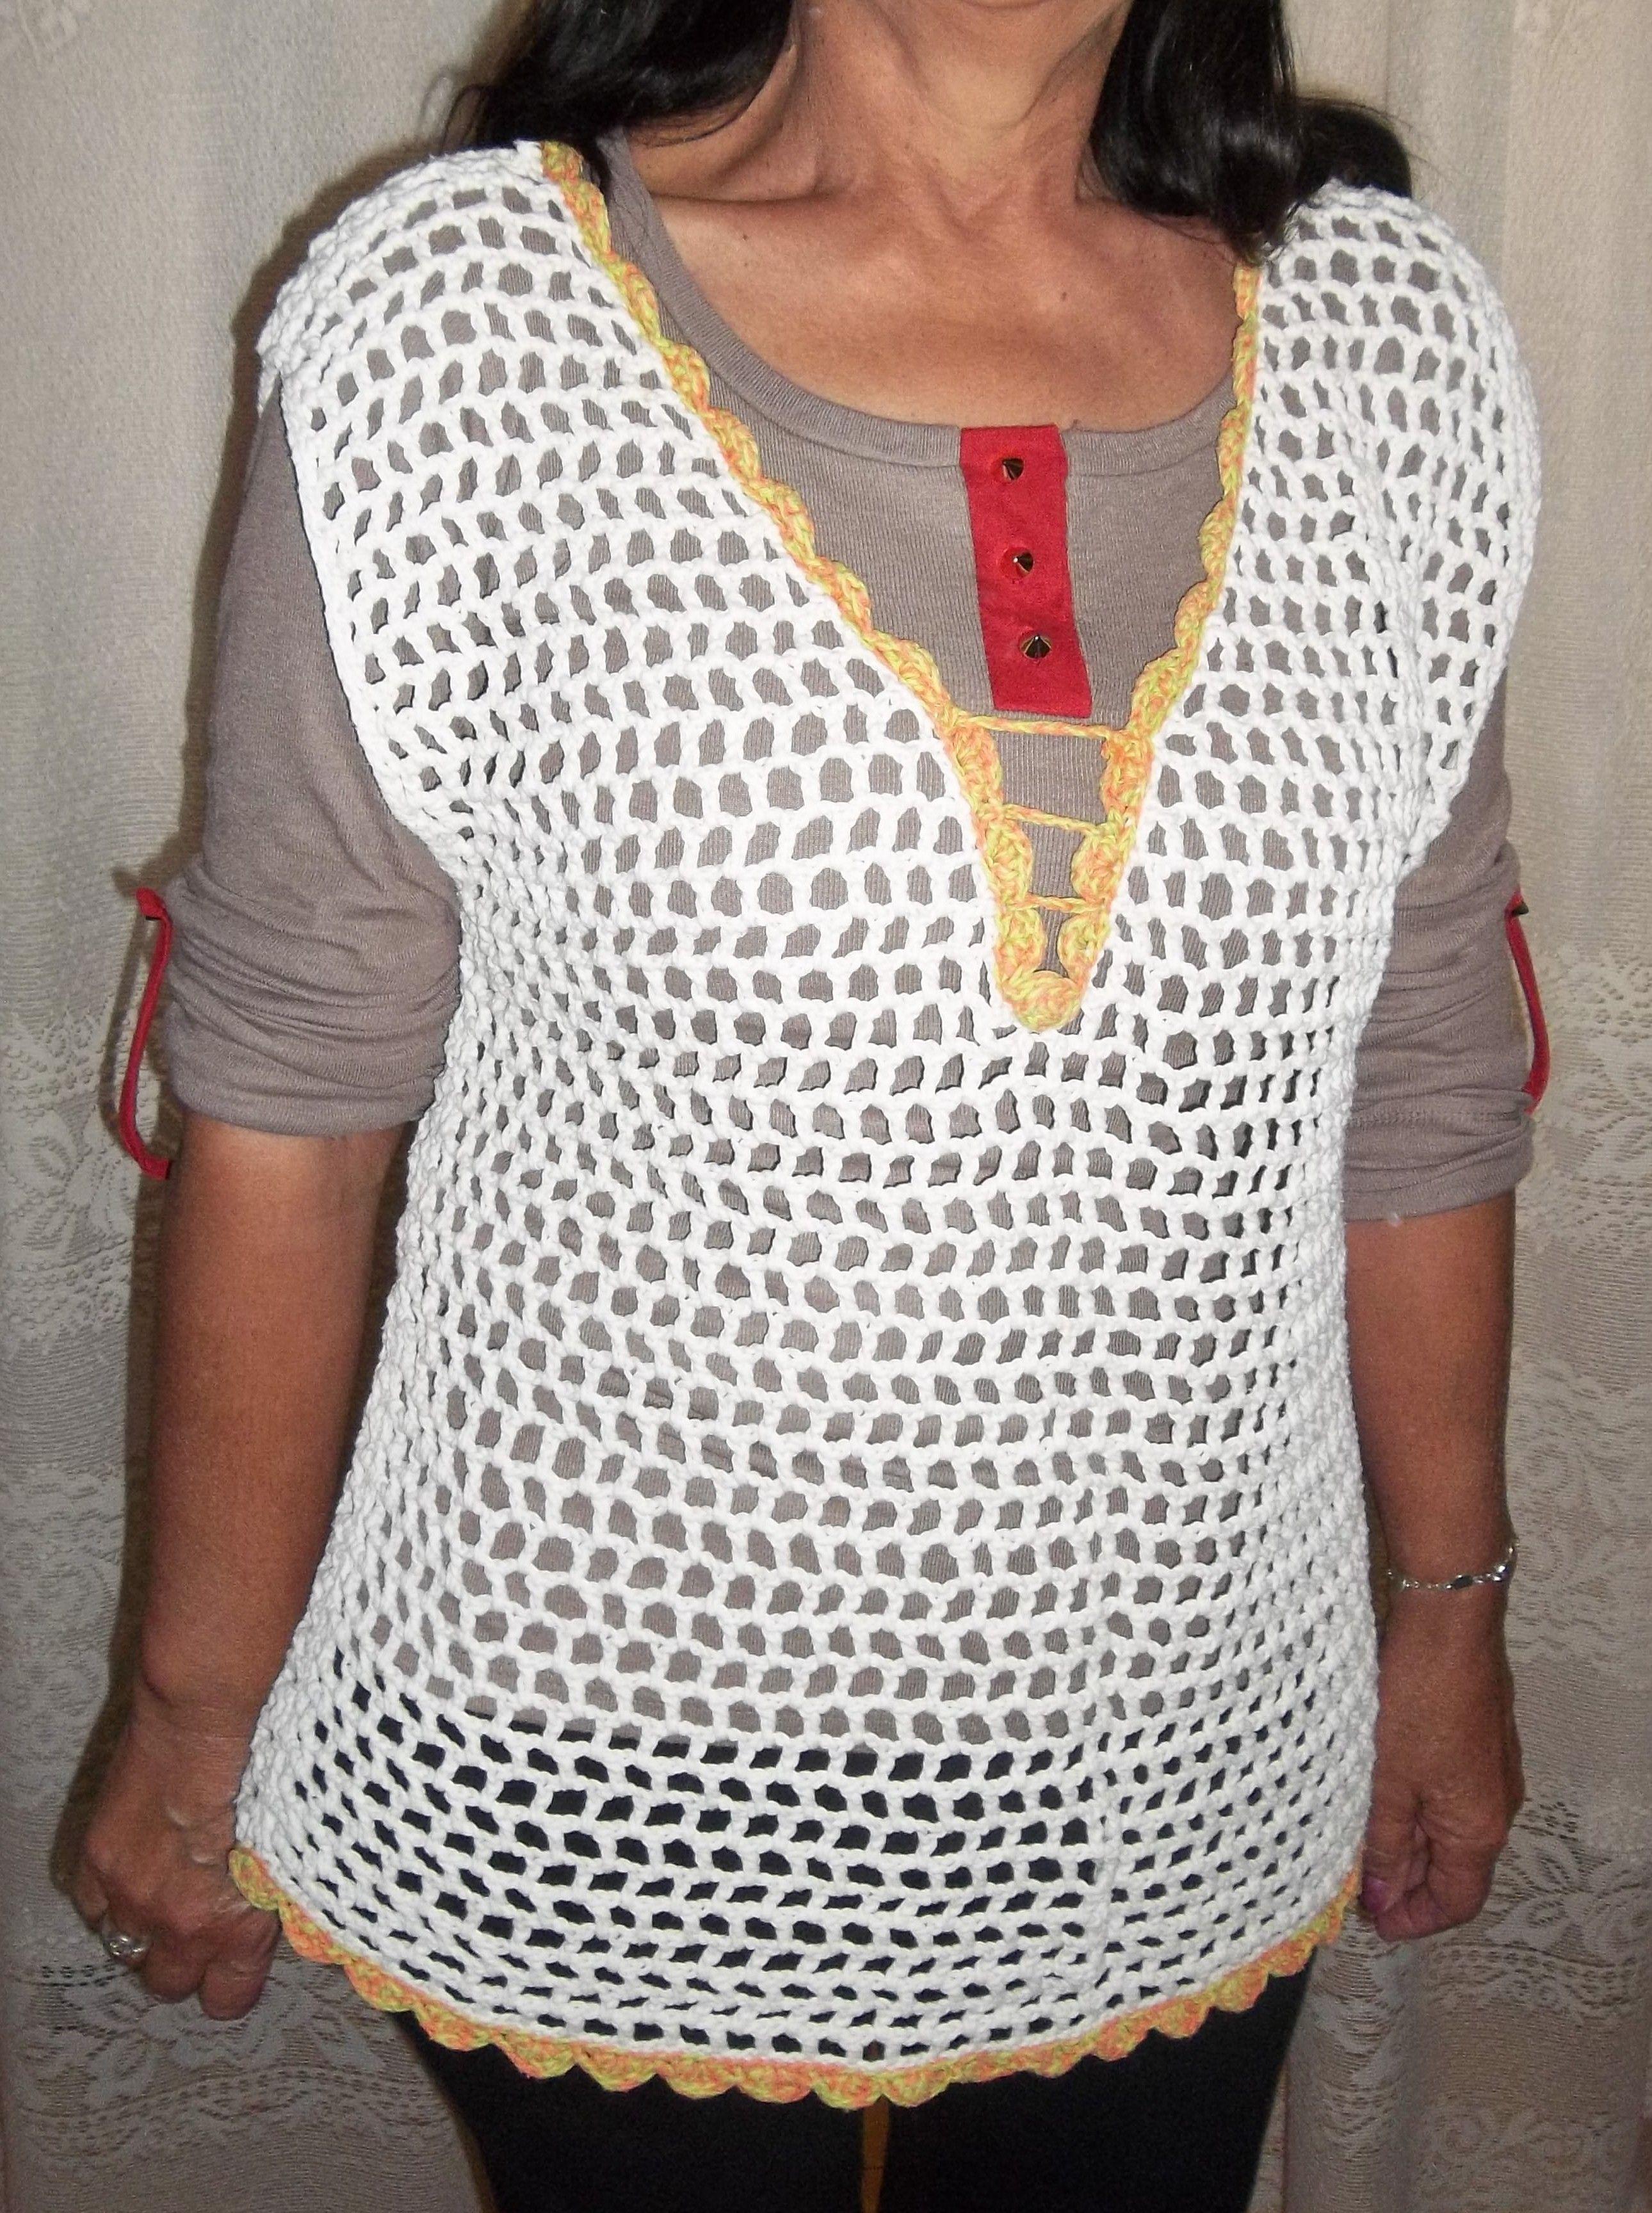 mi trbajo), blusa escote V , tejida al crochet, en punto red ...